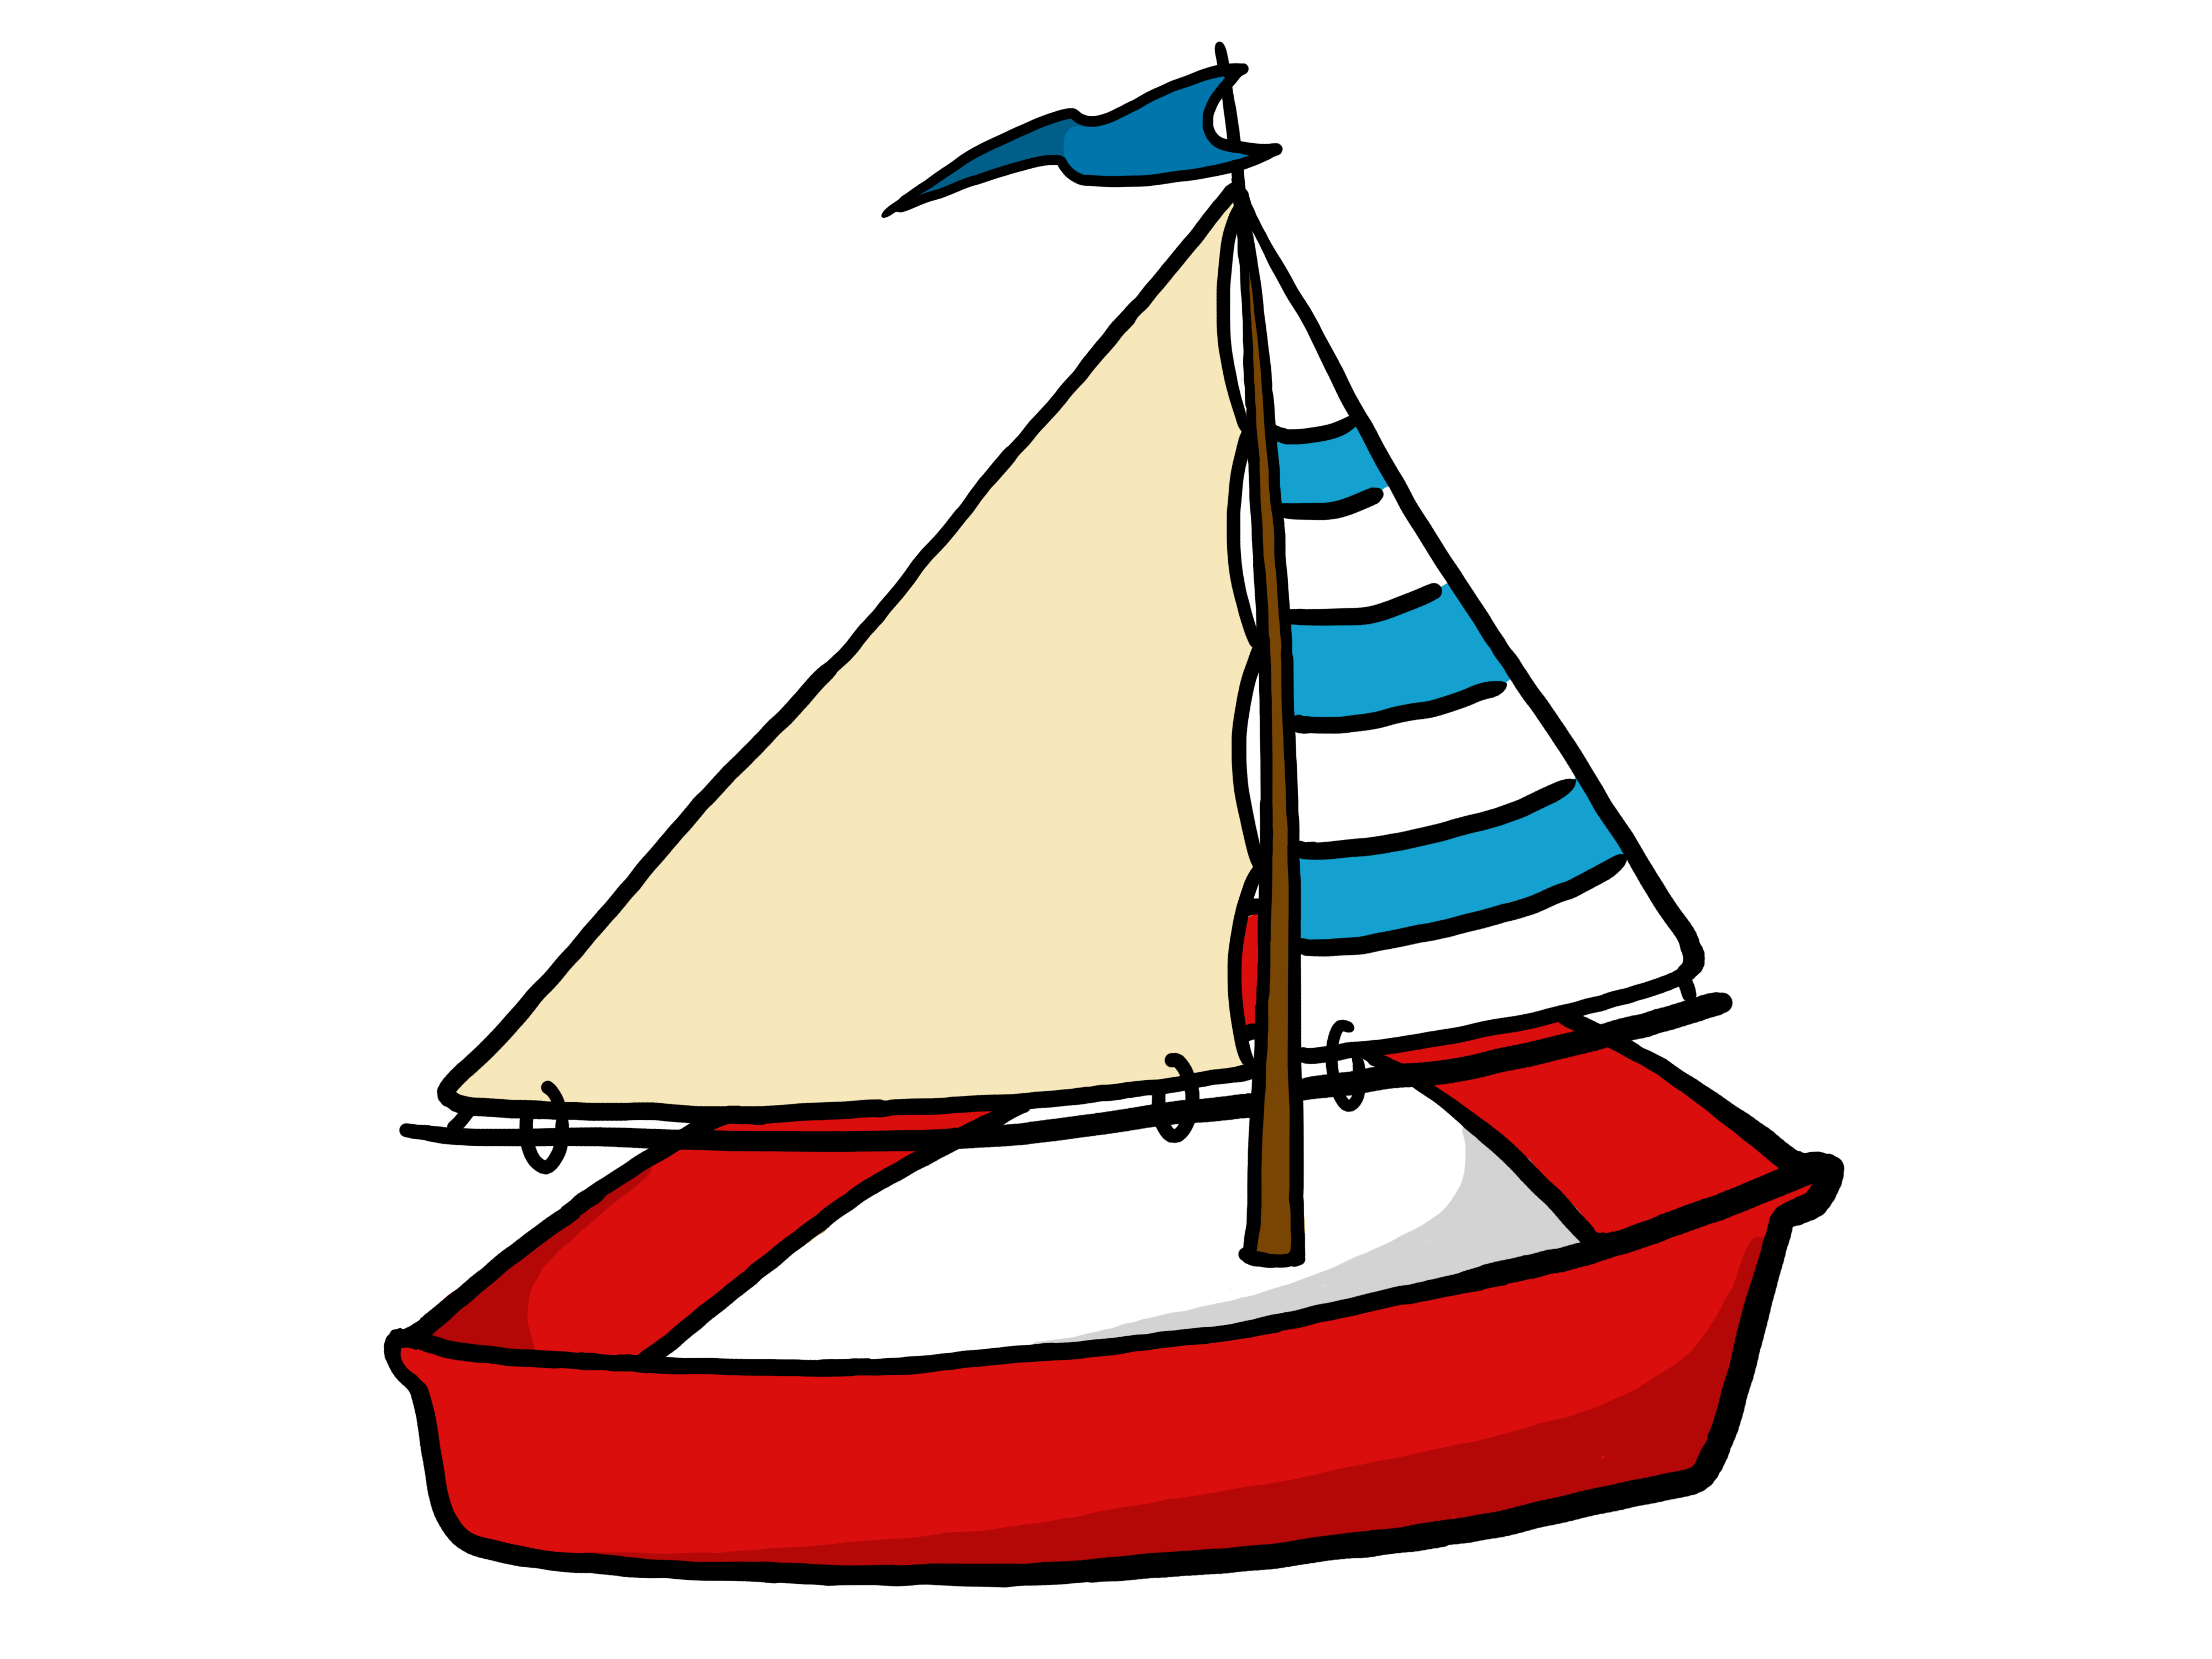 Boat Clipart-Clipartlook.com-4000